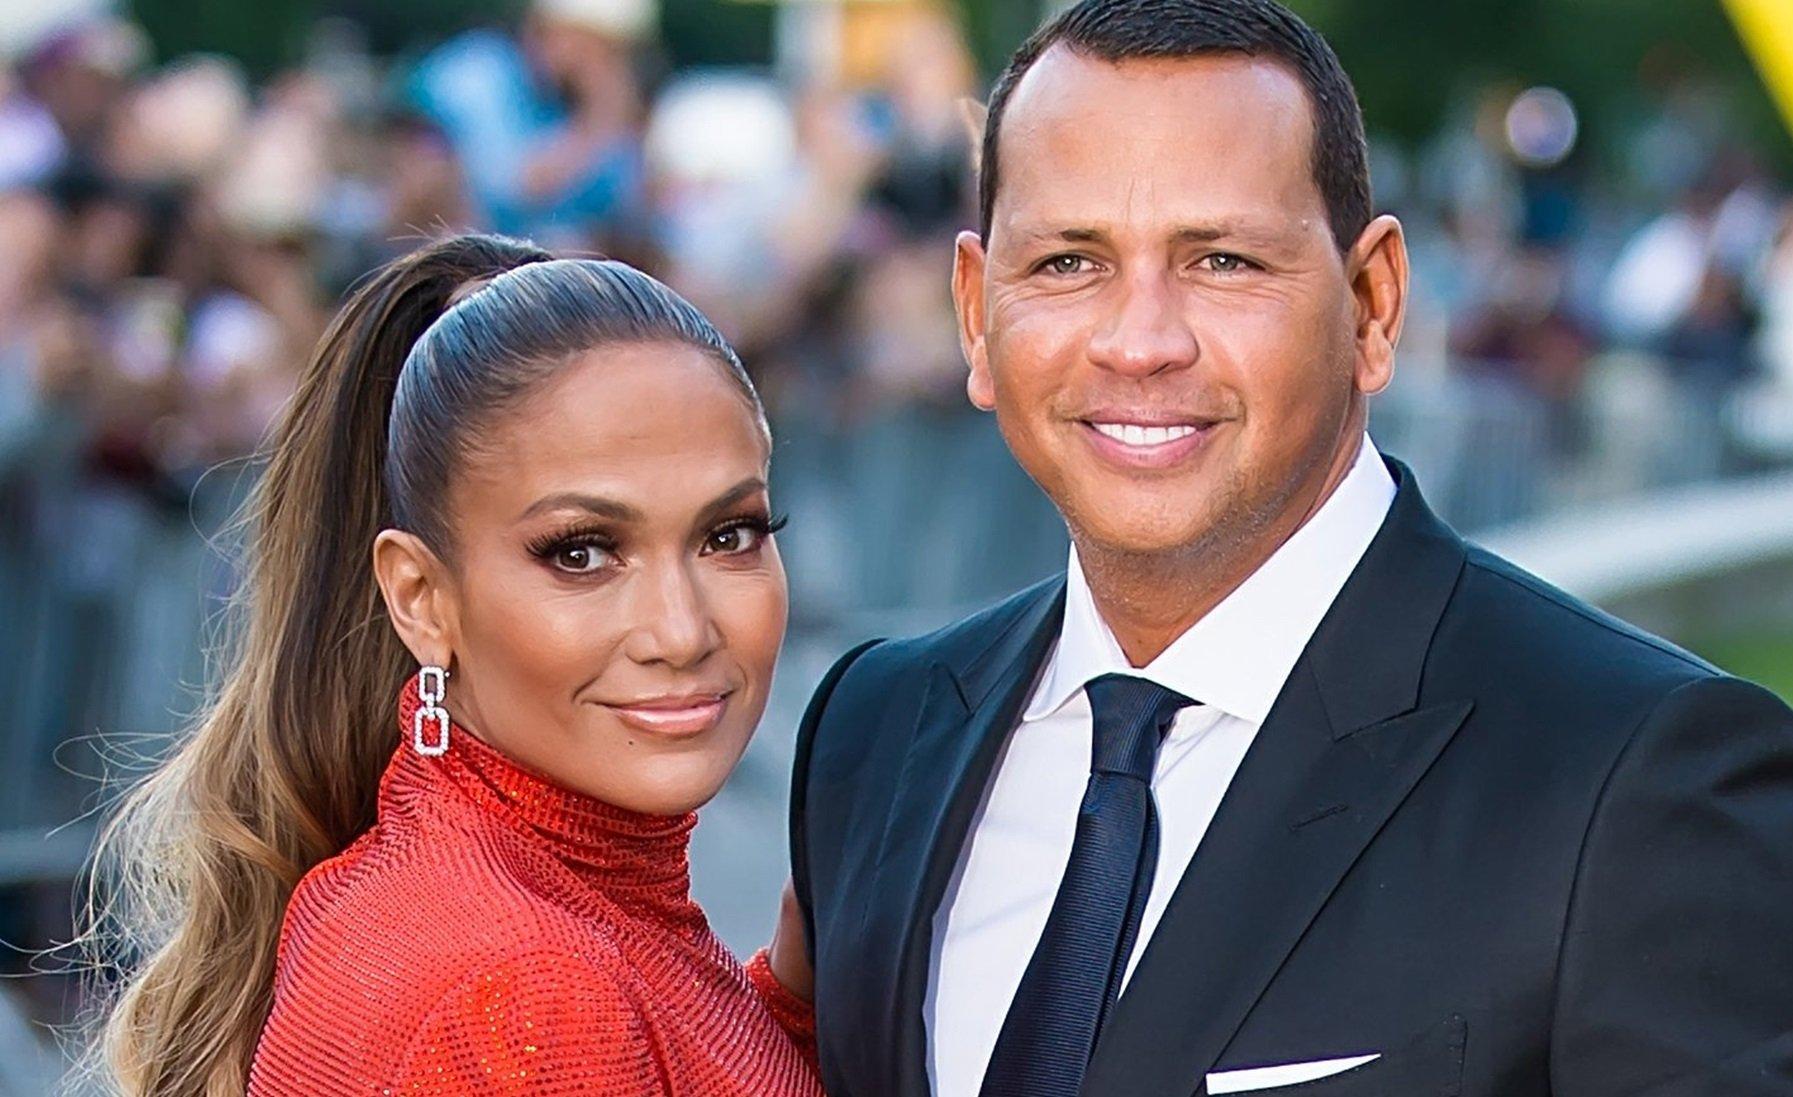 Алекс Родригес и Дженнифер Лопес официально объявили о расставании